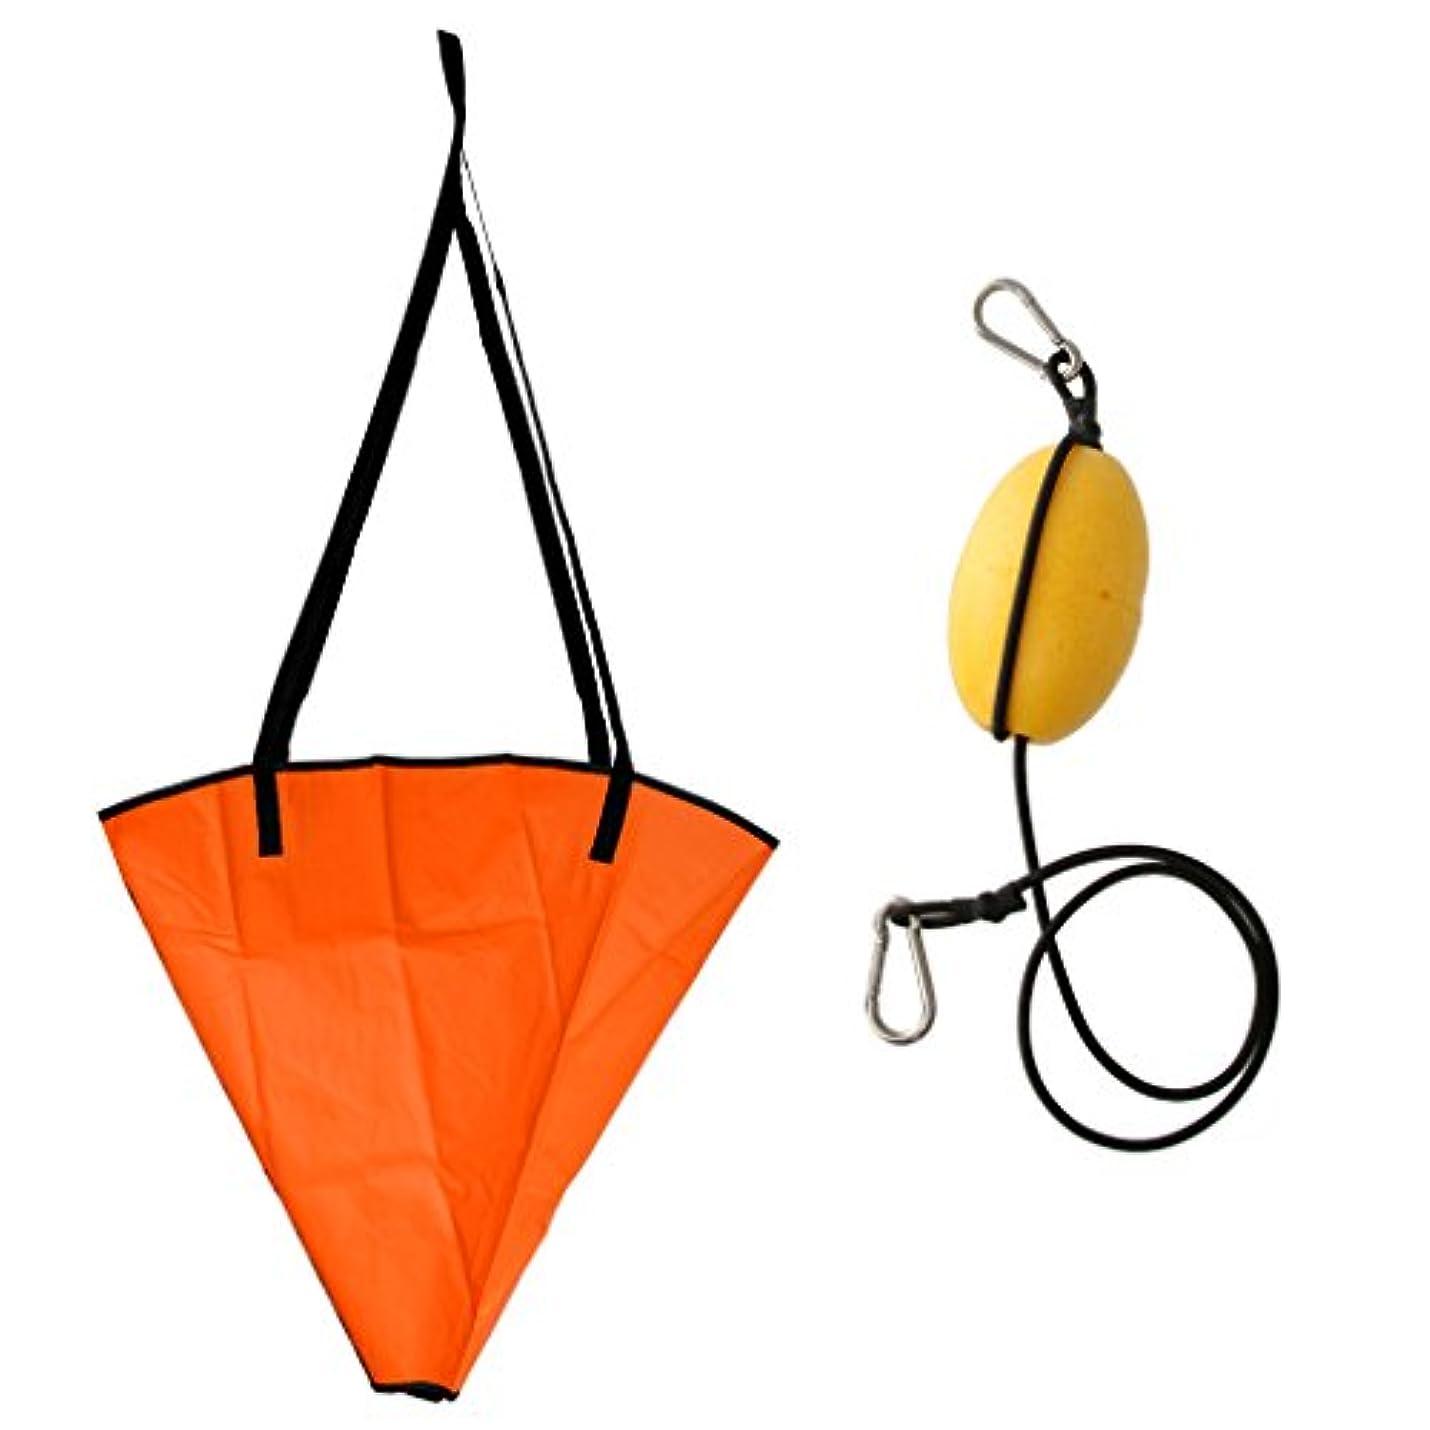 服を洗う意気込み冷えるDYNWAVE ドローグ シーアンカー ドリフト 牽引ロープ スローライン ボート カヤック用 アクセサリー 耐久性